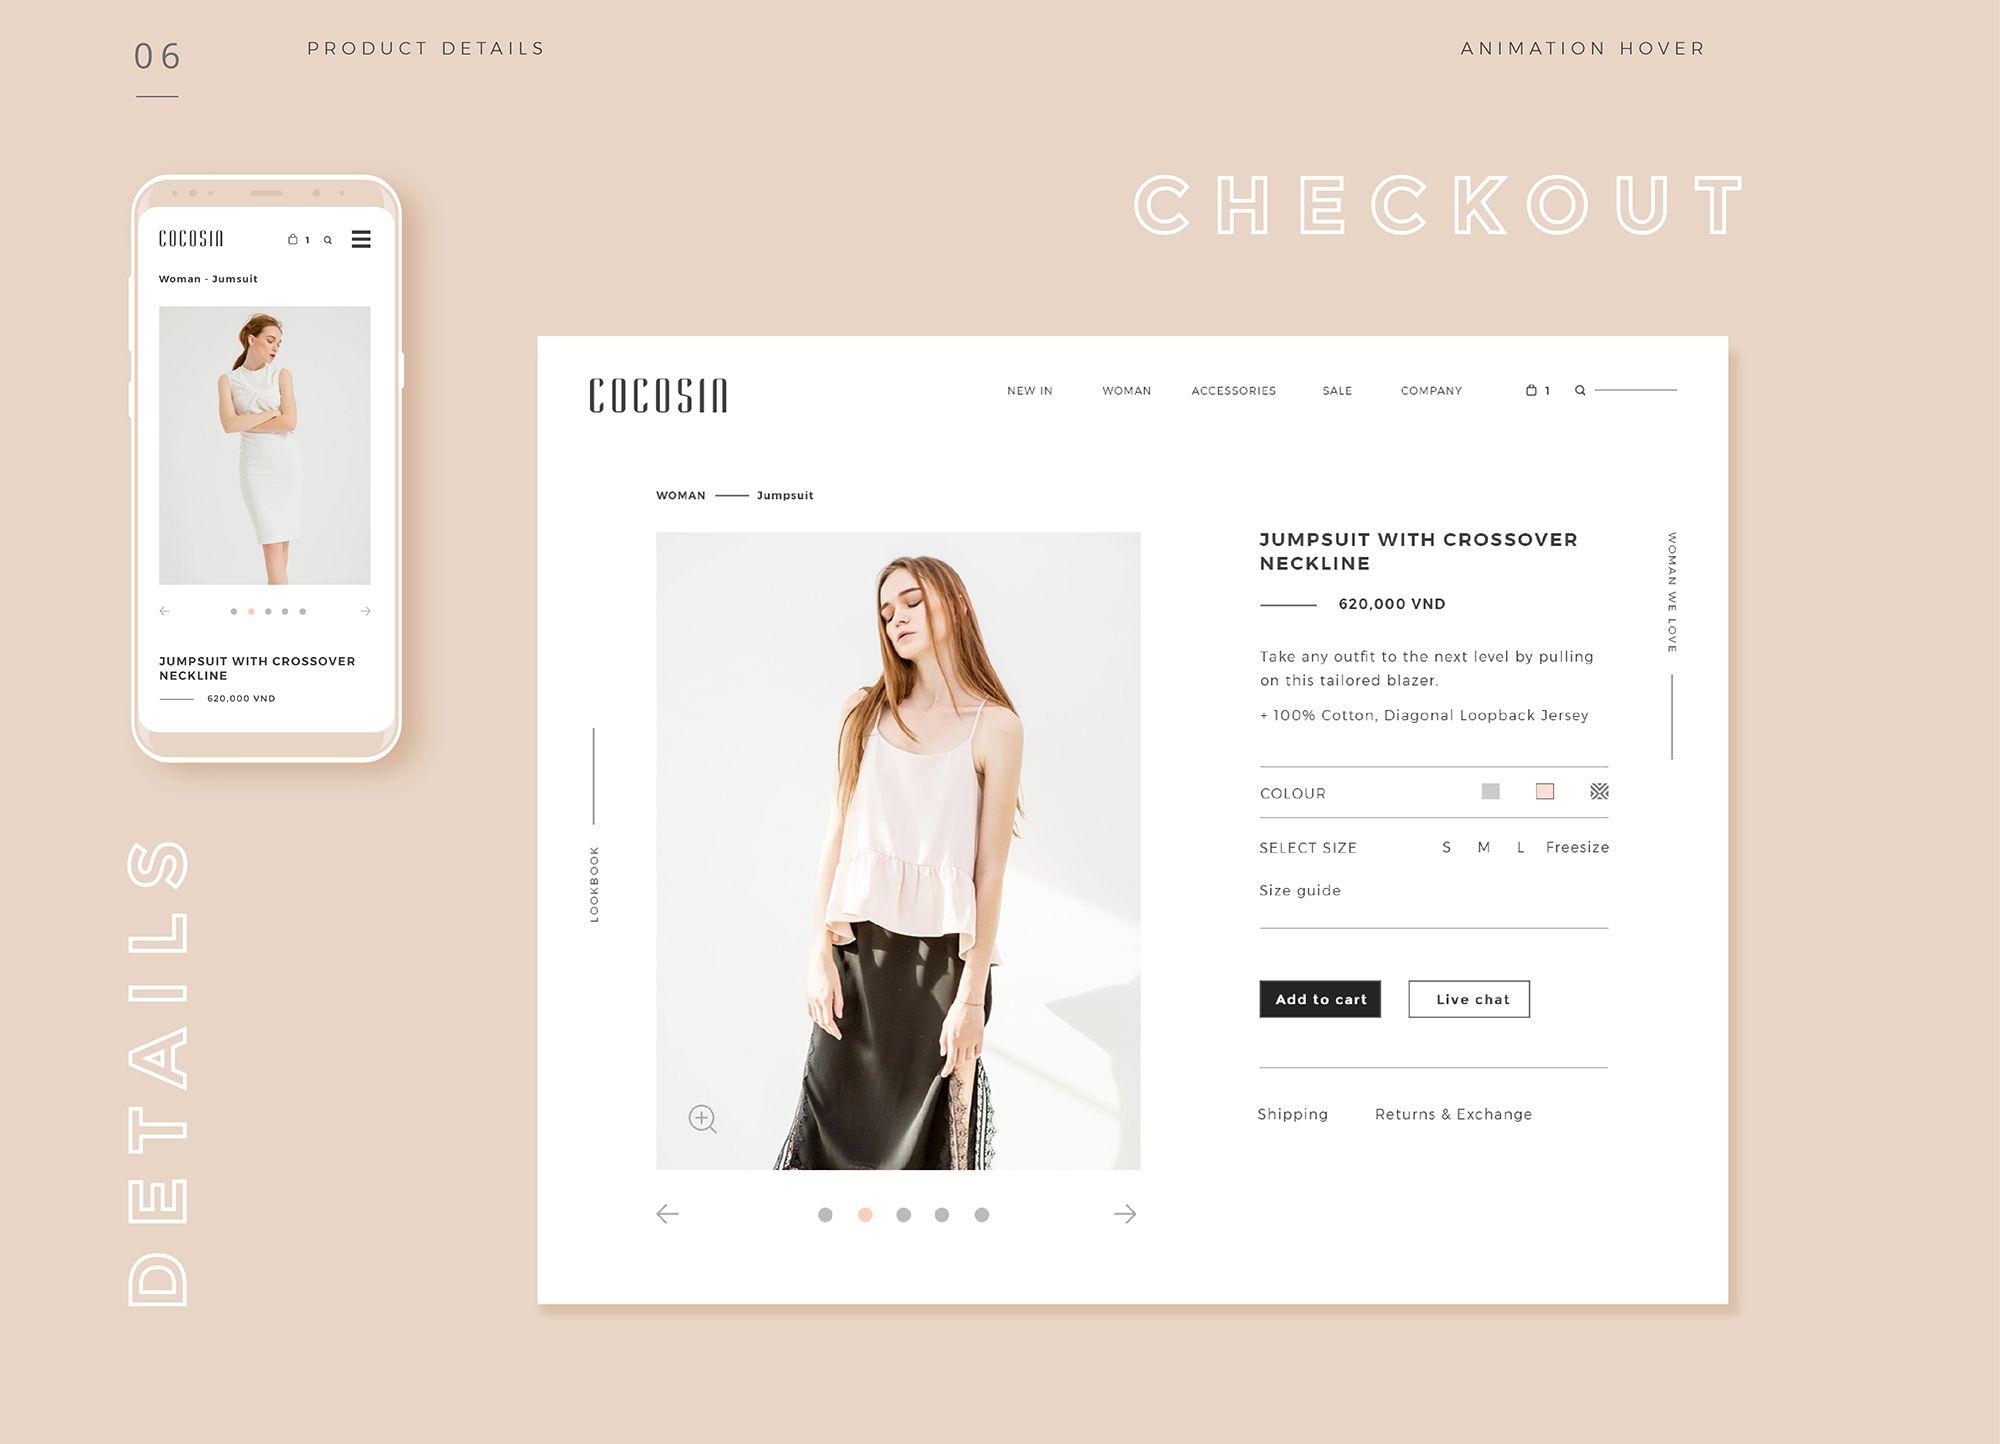 Cocosin Fashion Bratus Web Design Inspiration Website Design Web Design